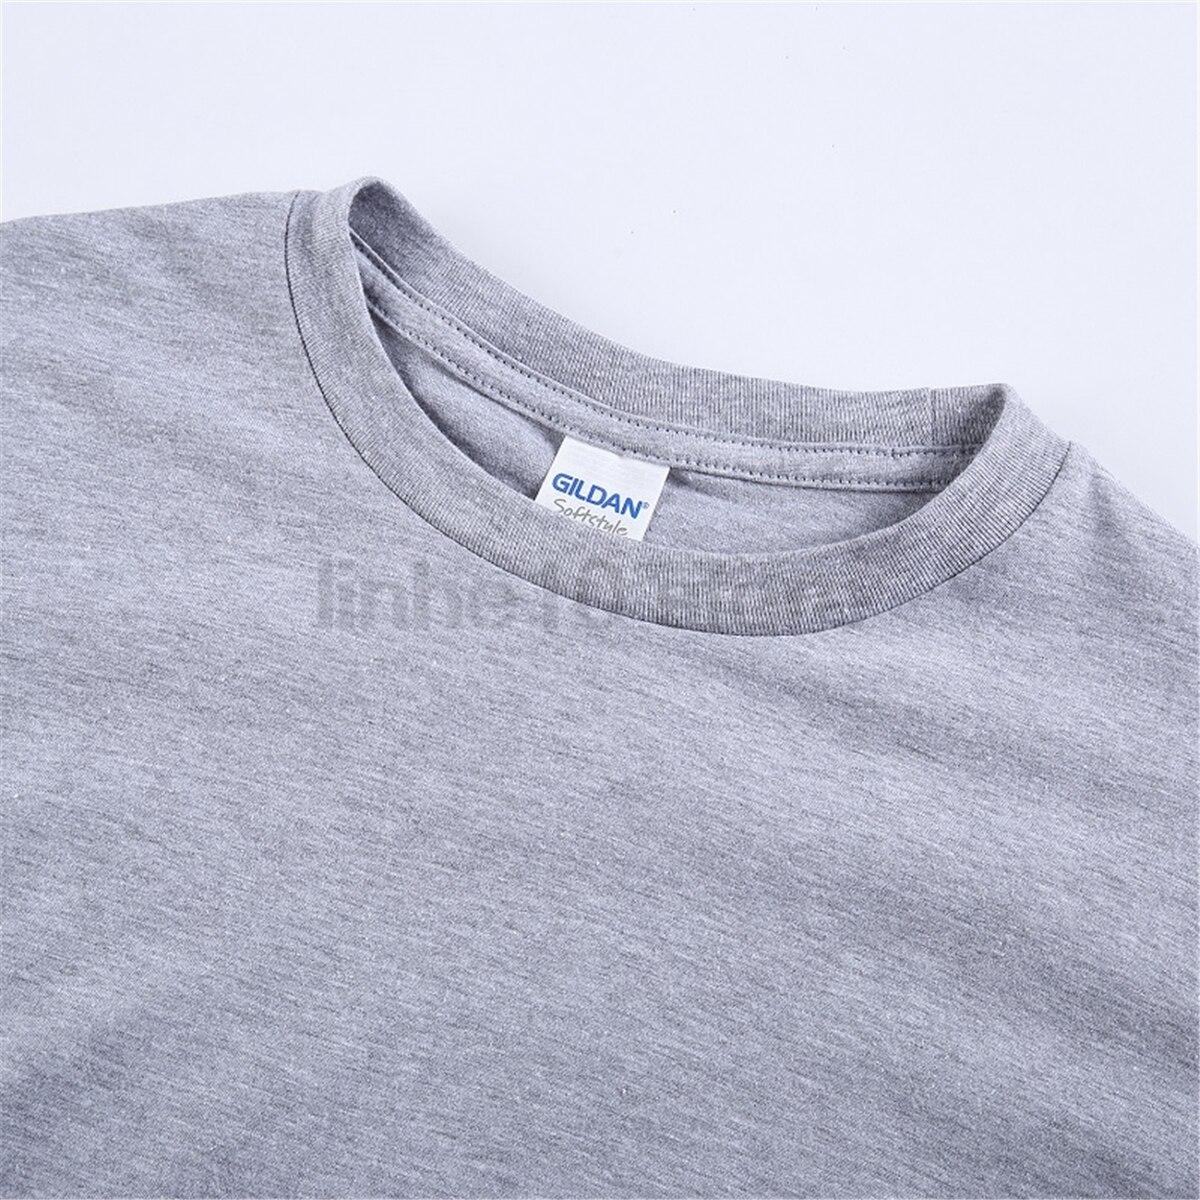 GILDAN Occupy Mars Shirt Mars Astronaut T Shirt Womens T-shirt